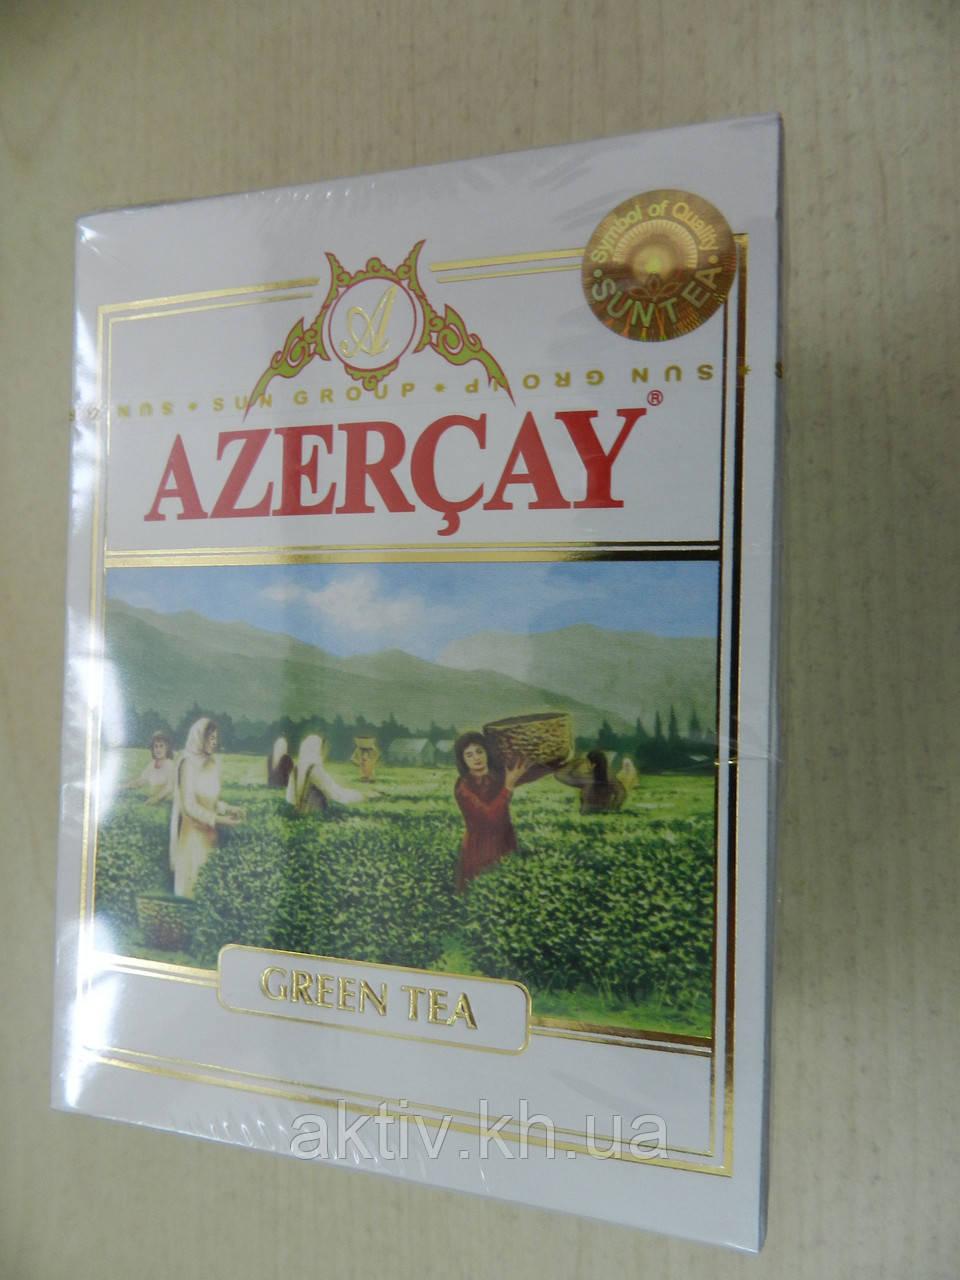 Чай зелёный Azercay Азерчай 100 грамм